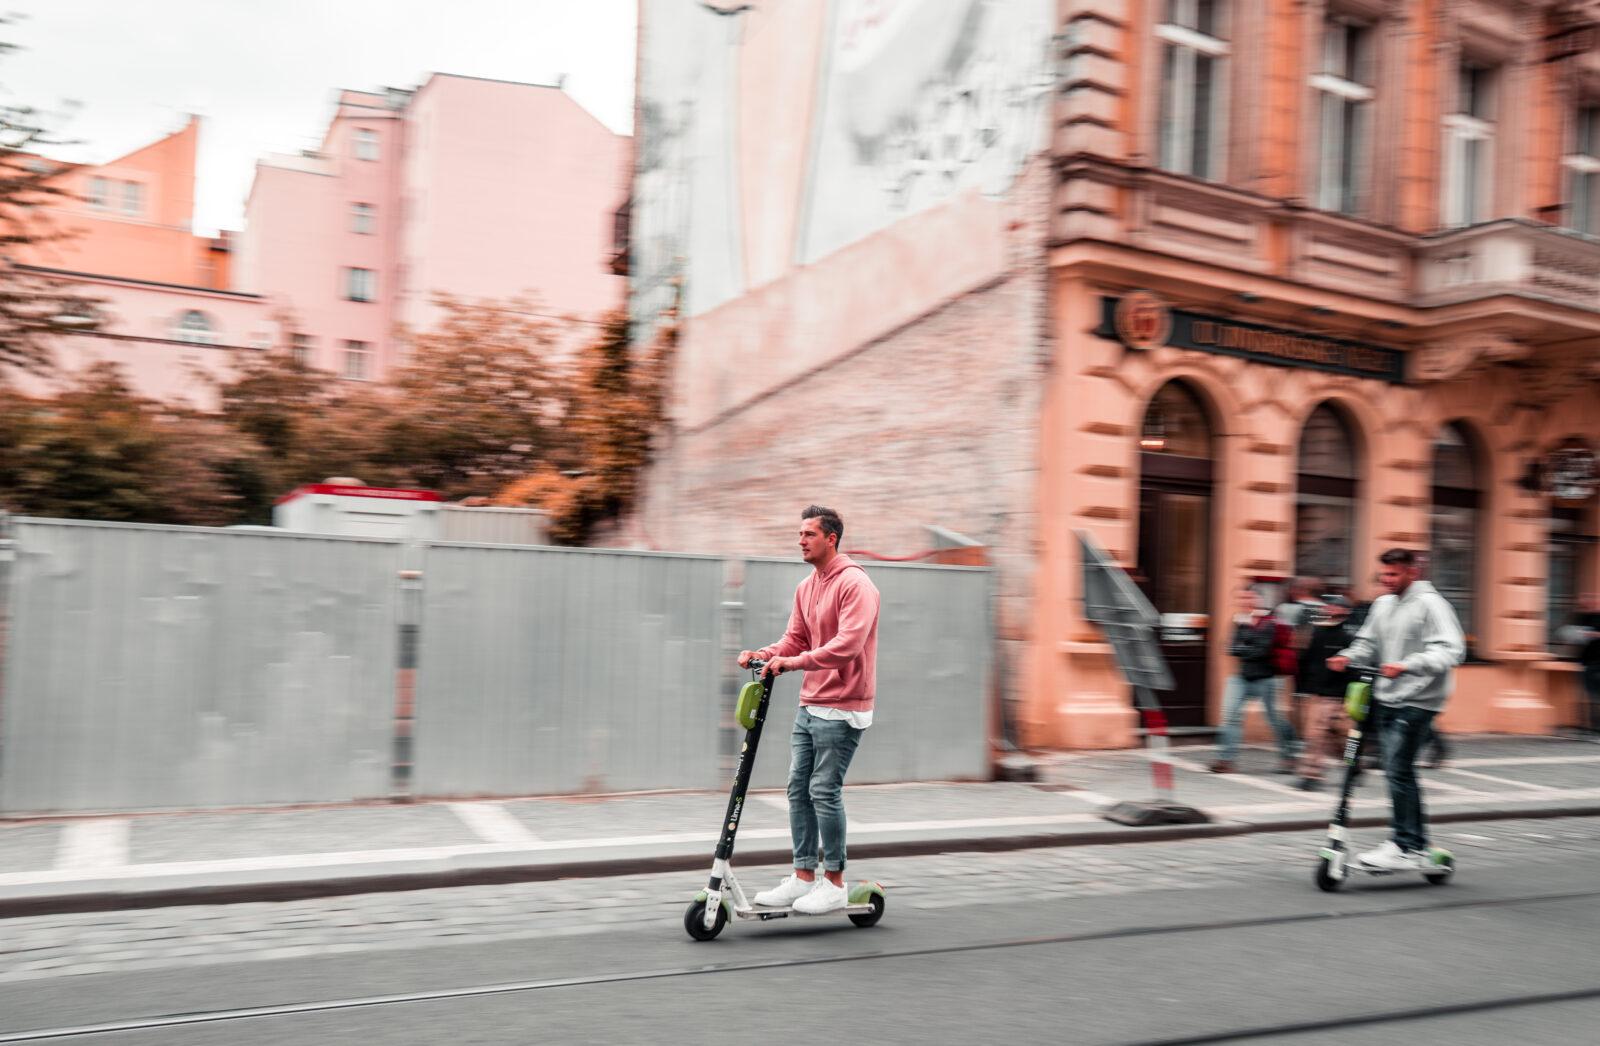 Lovforslag om regulering af udlejning af el-løbehjul og -cykler droppet